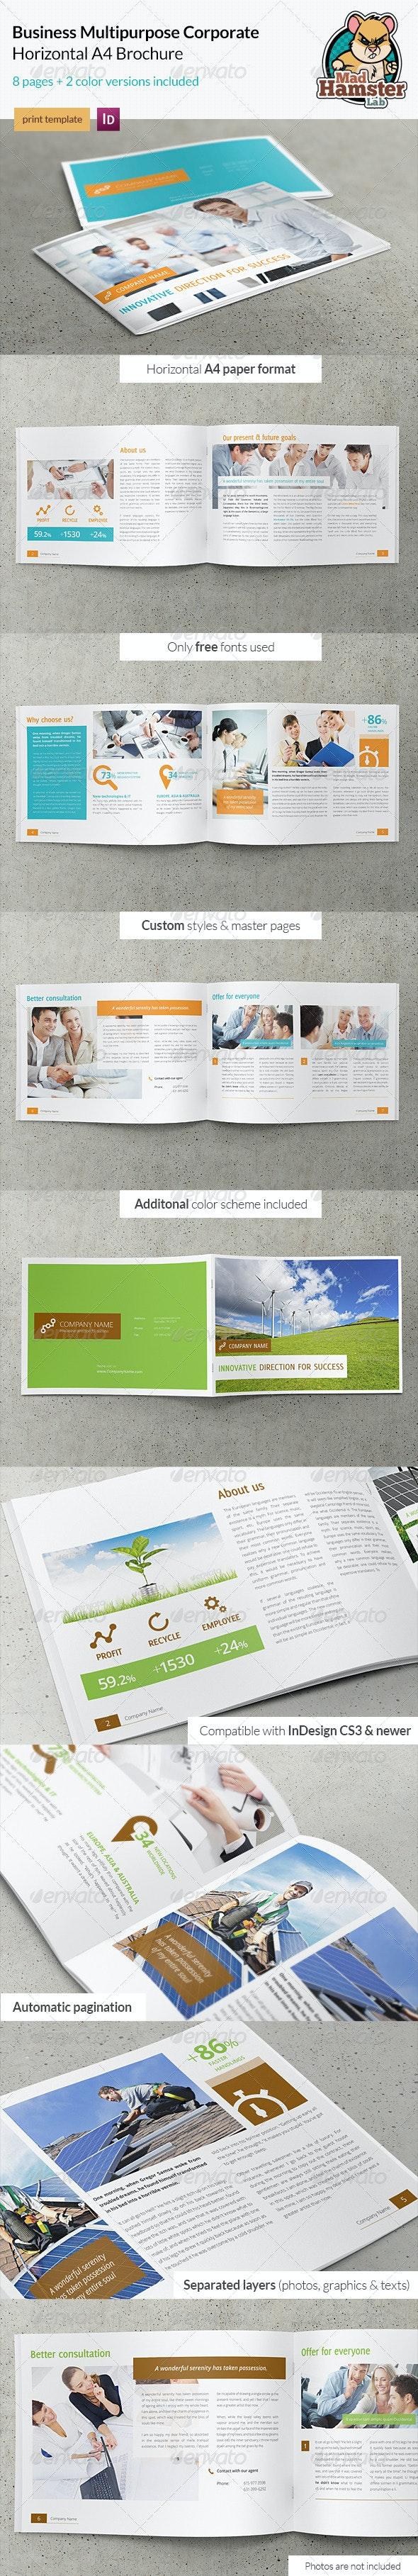 Business / Corporate Multi-purpose A4 Brochure - Corporate Brochures